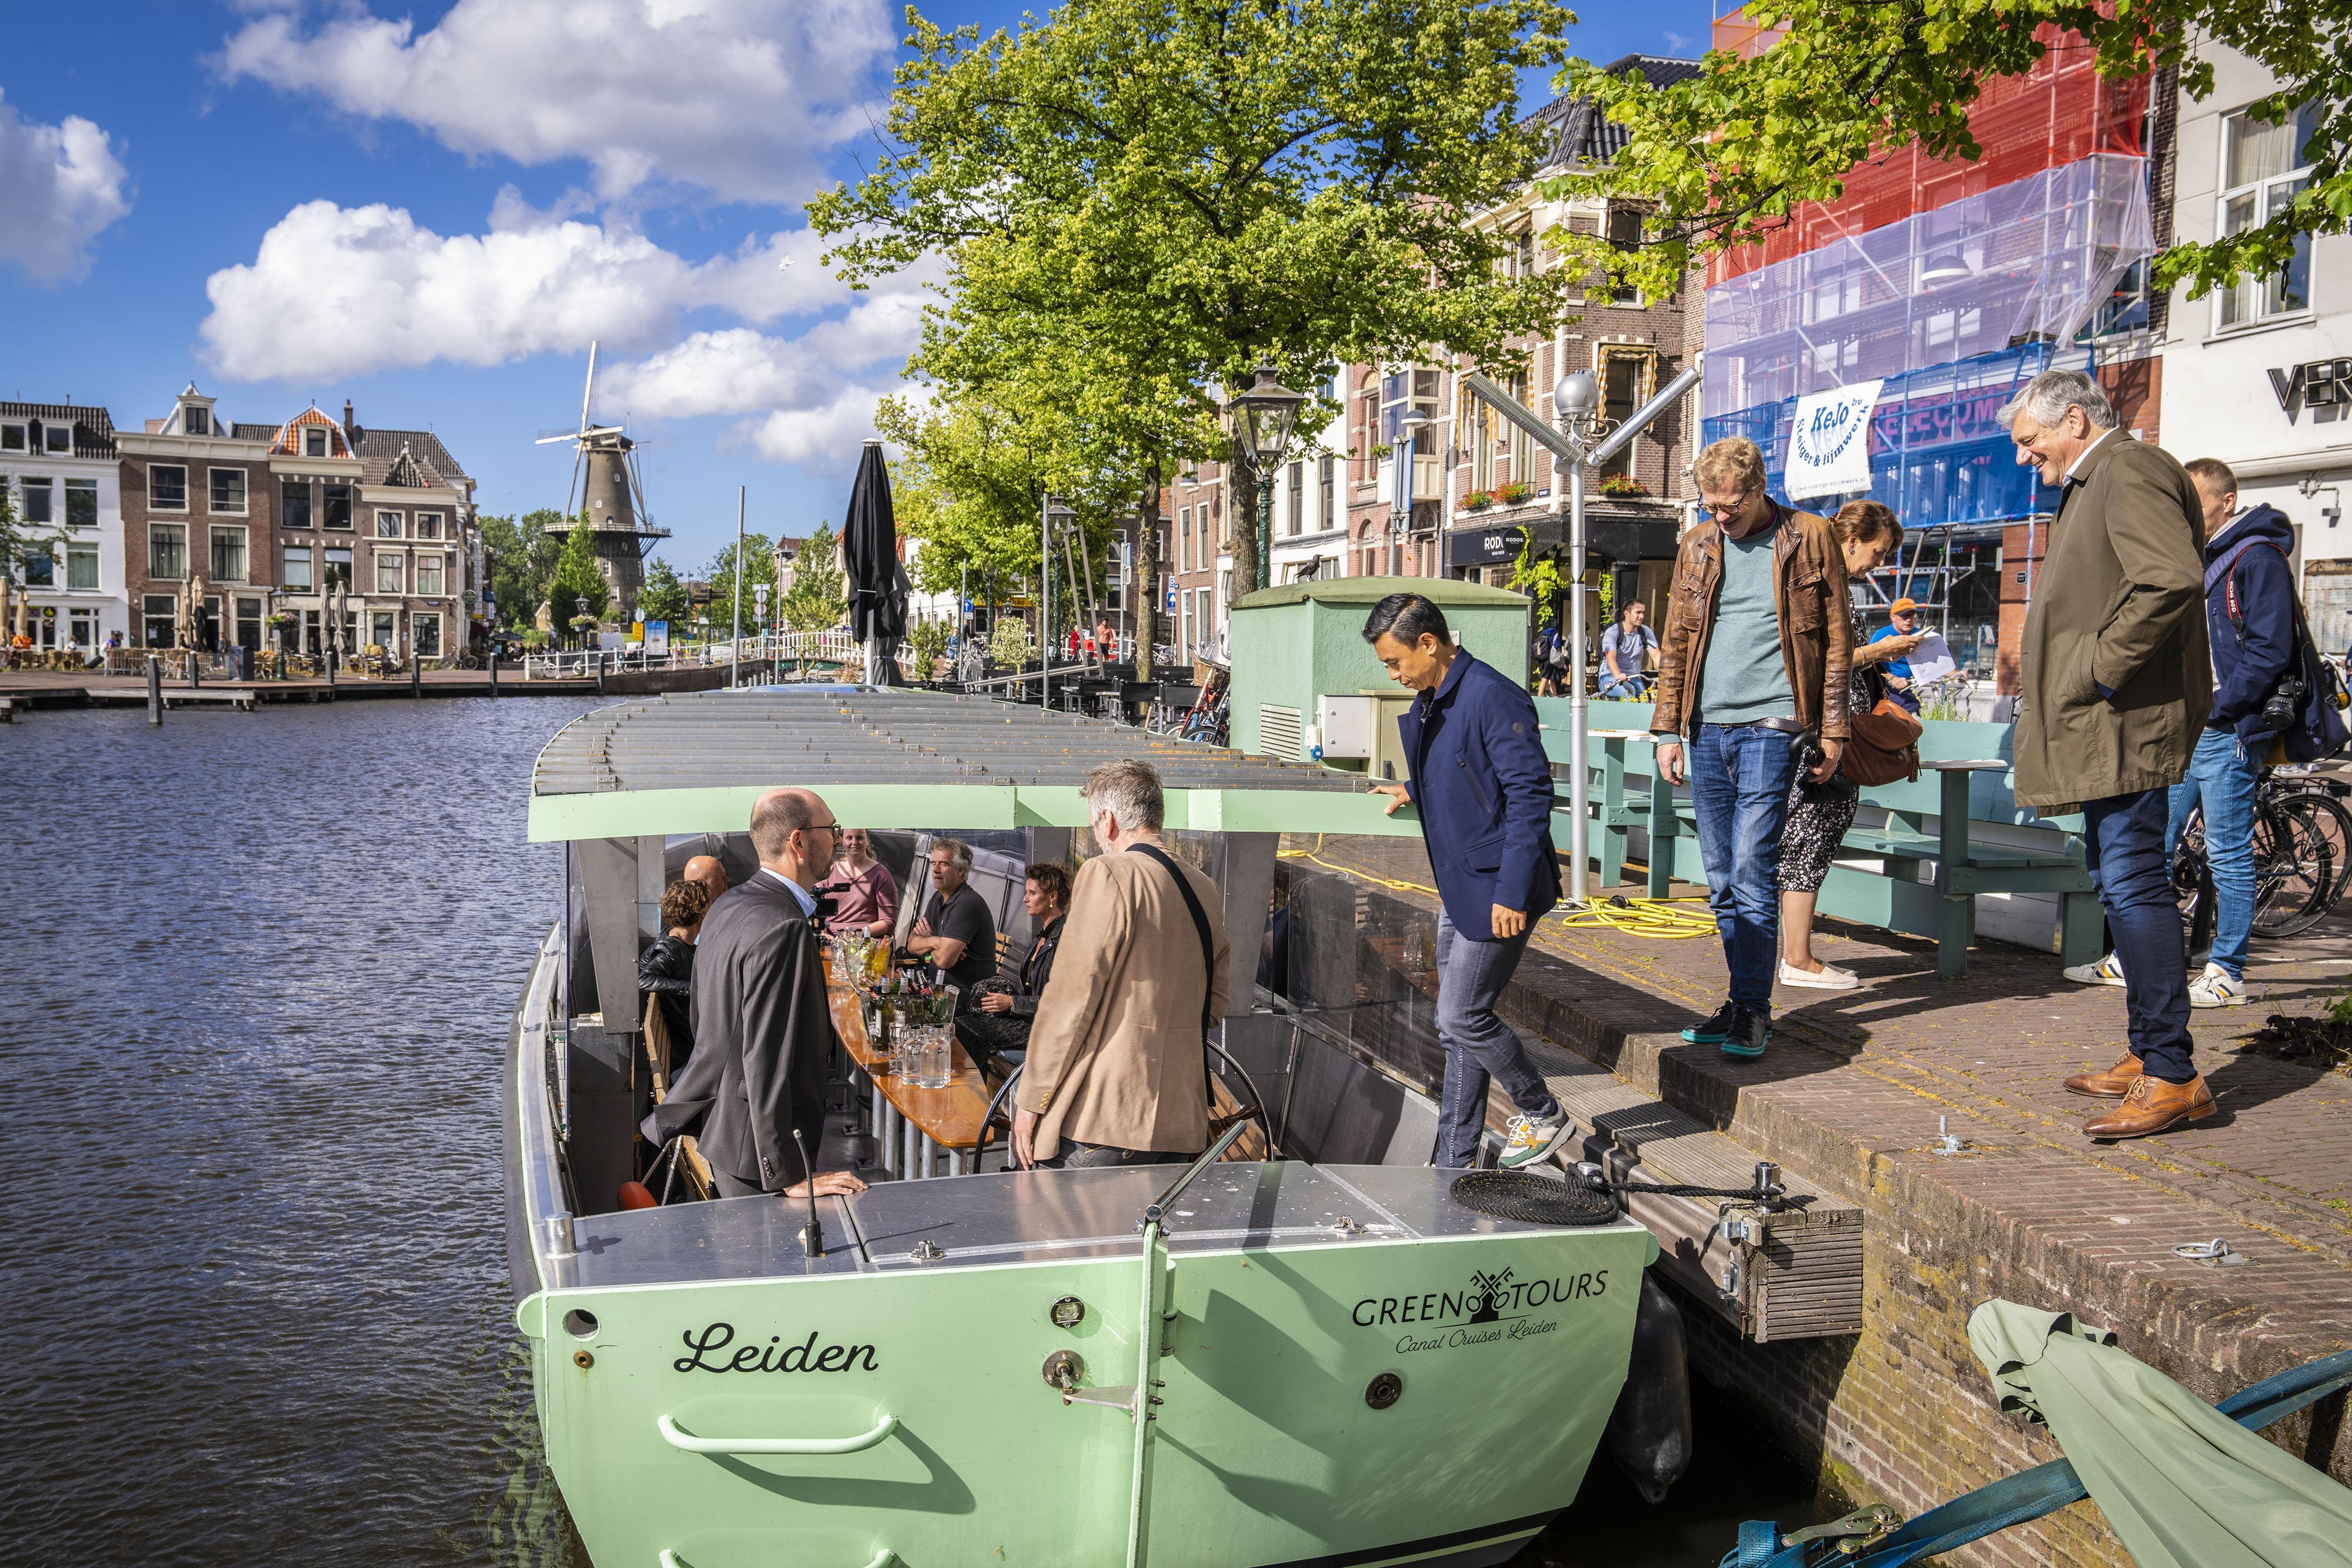 Leegstand winkelpanden in Leiden neemt af ondanks corona